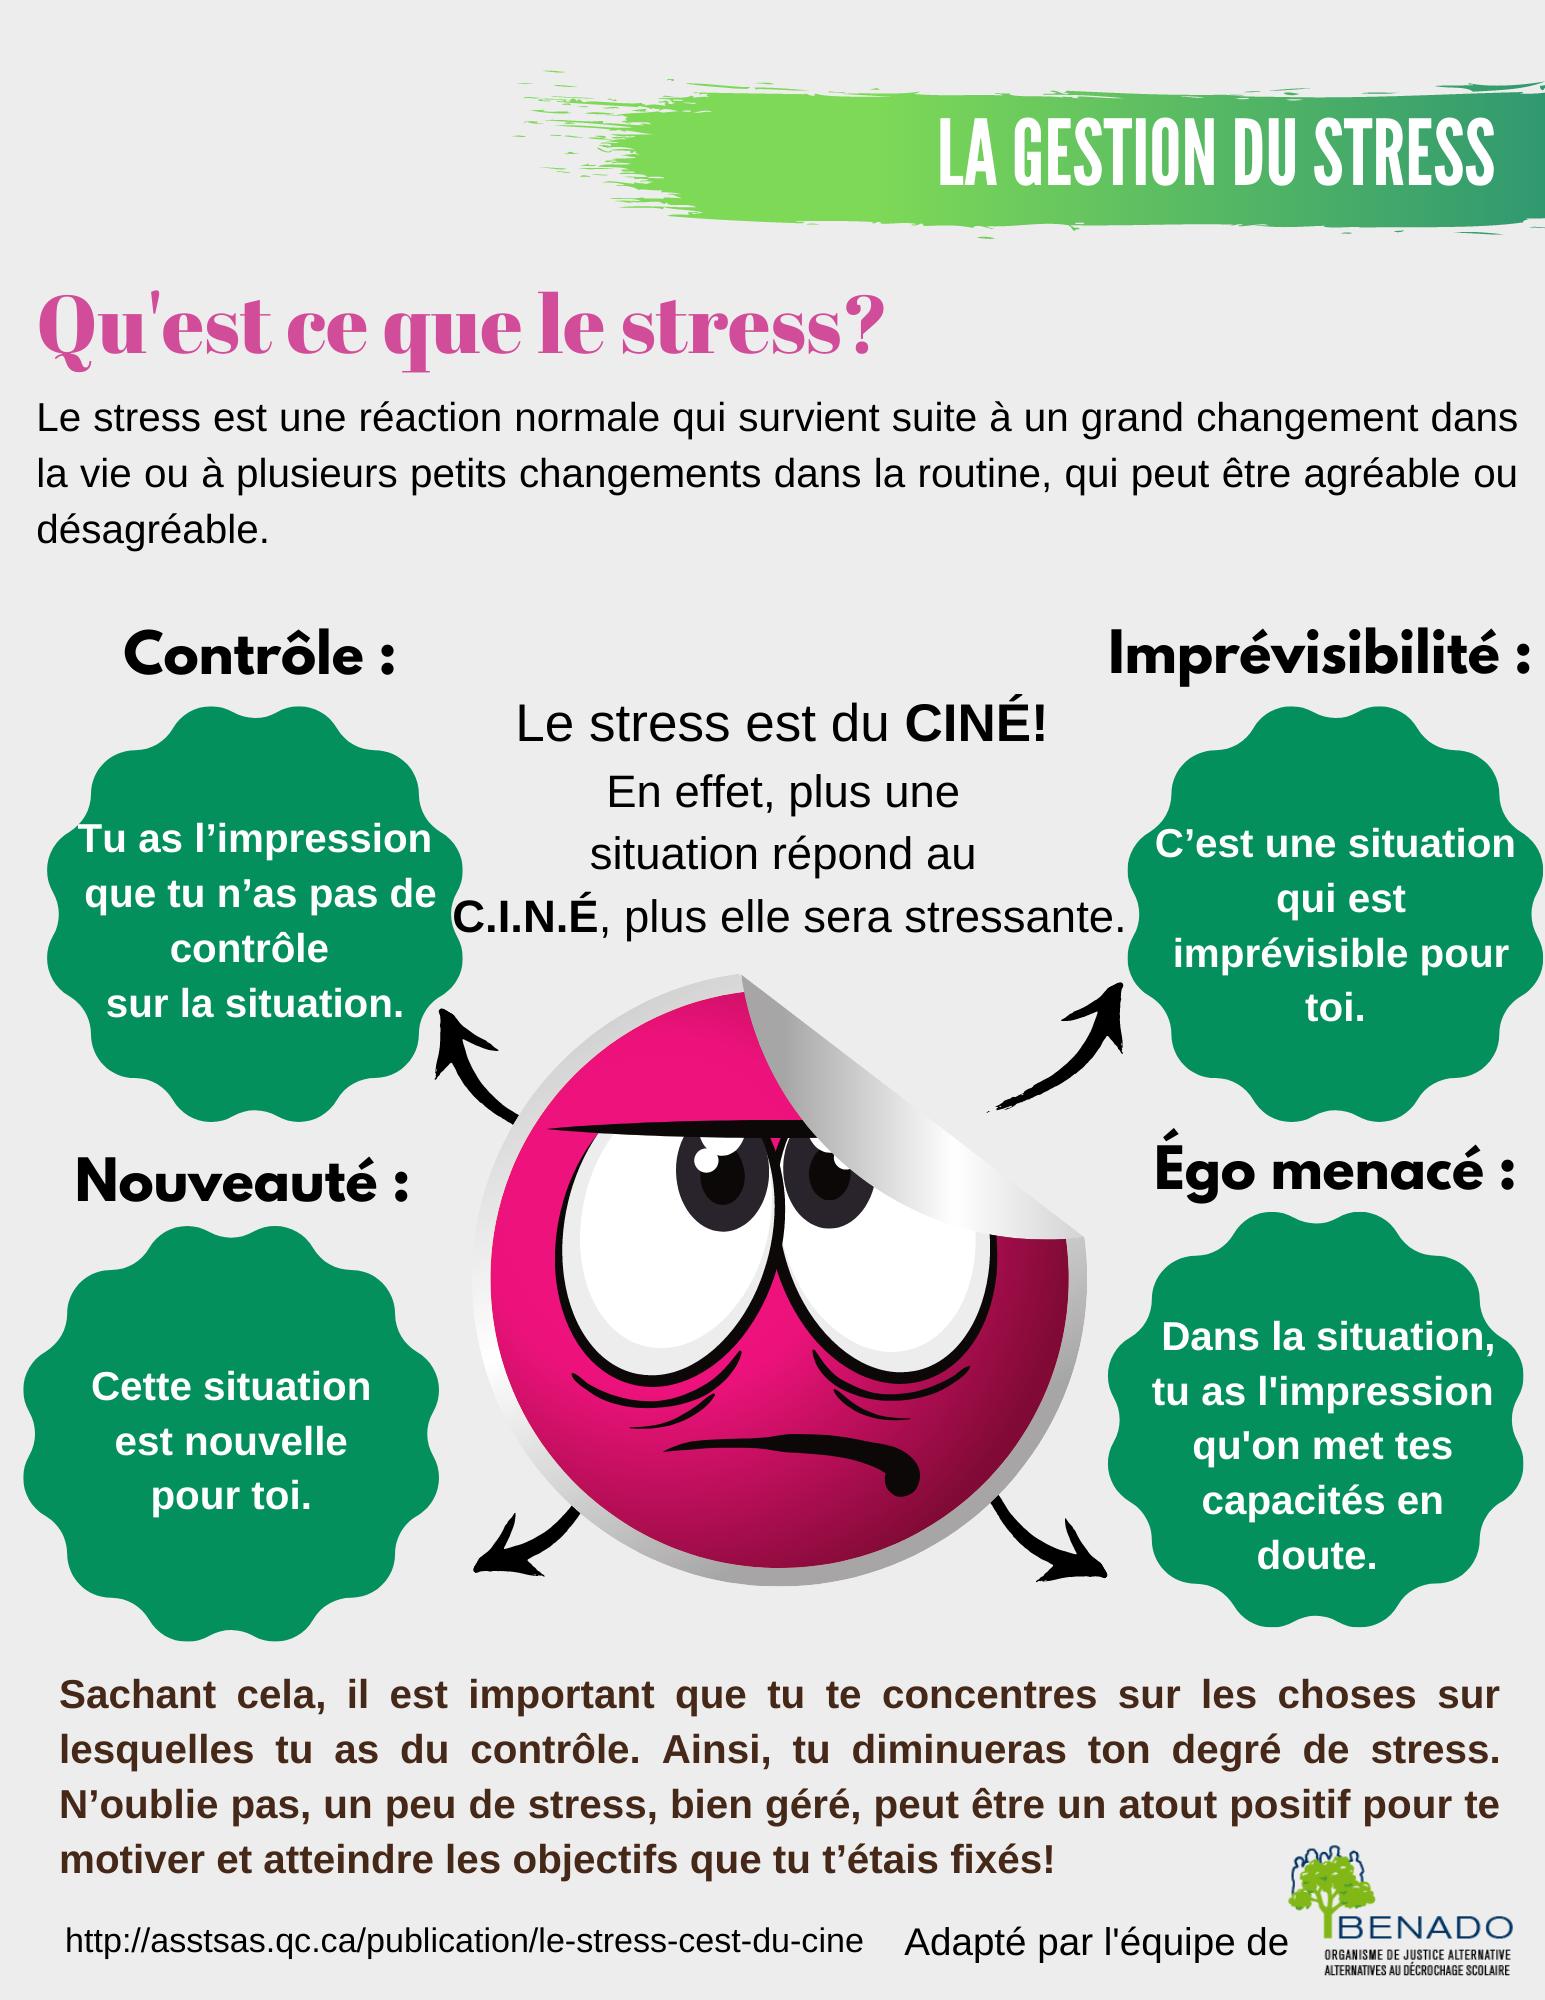 La gestion du stress – Le C.I.N.É